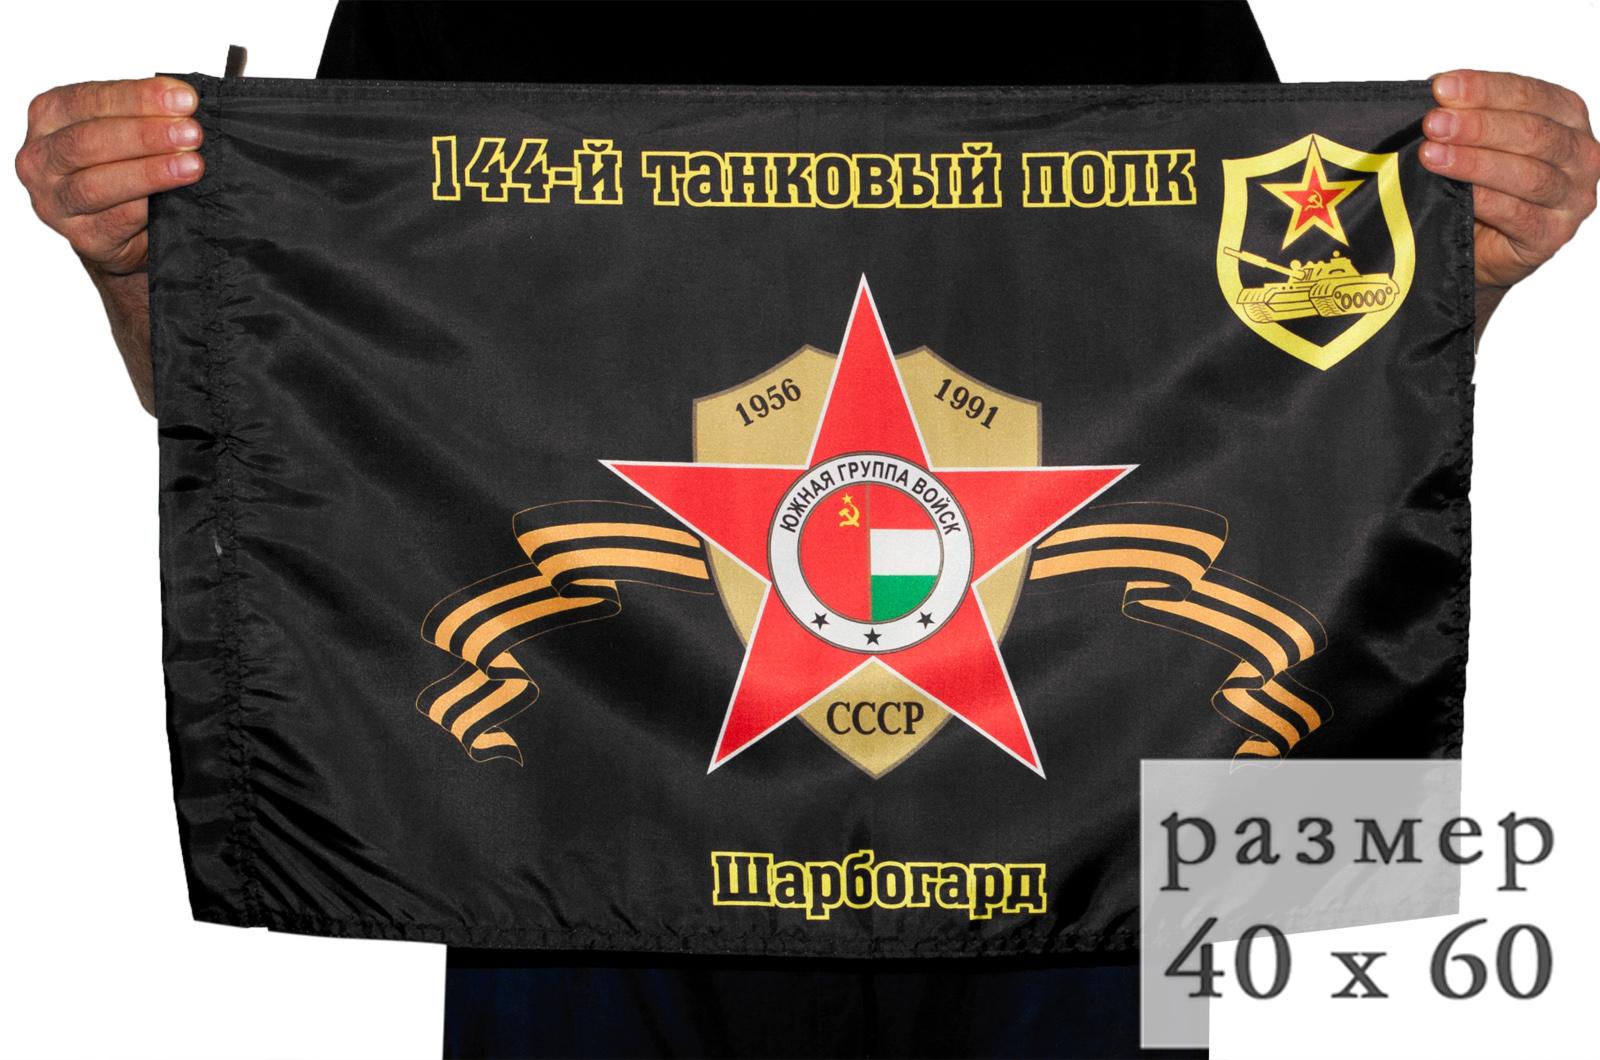 Флаг 40x60 144 танковый полк